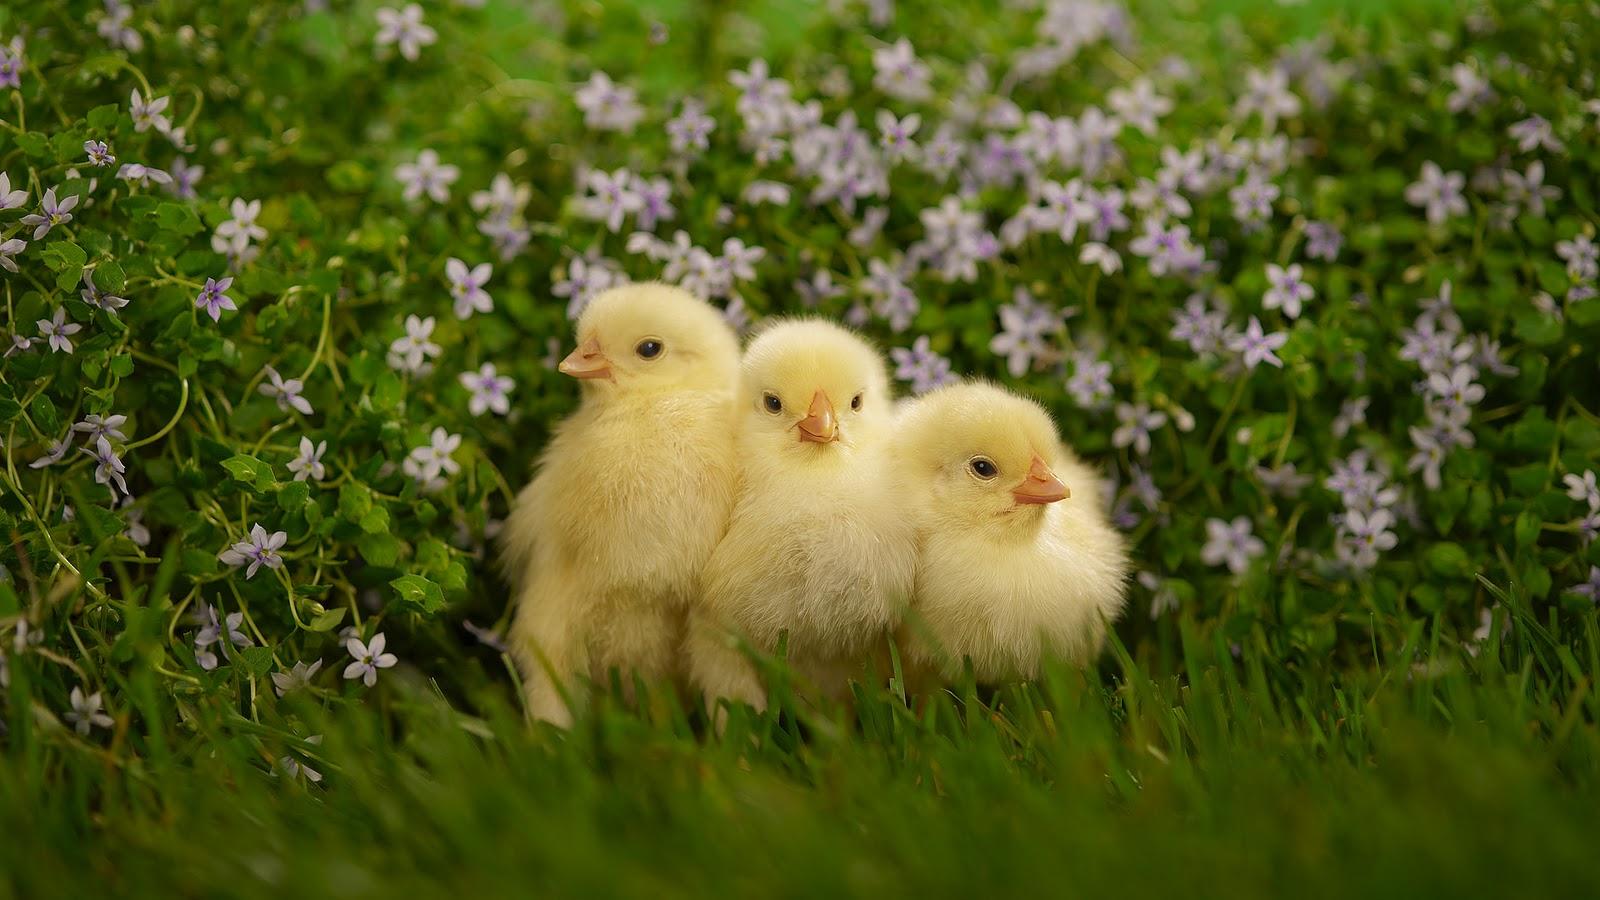 Cute Duckling Wallpaper Kippen Achtergronden Hd Wallpapers